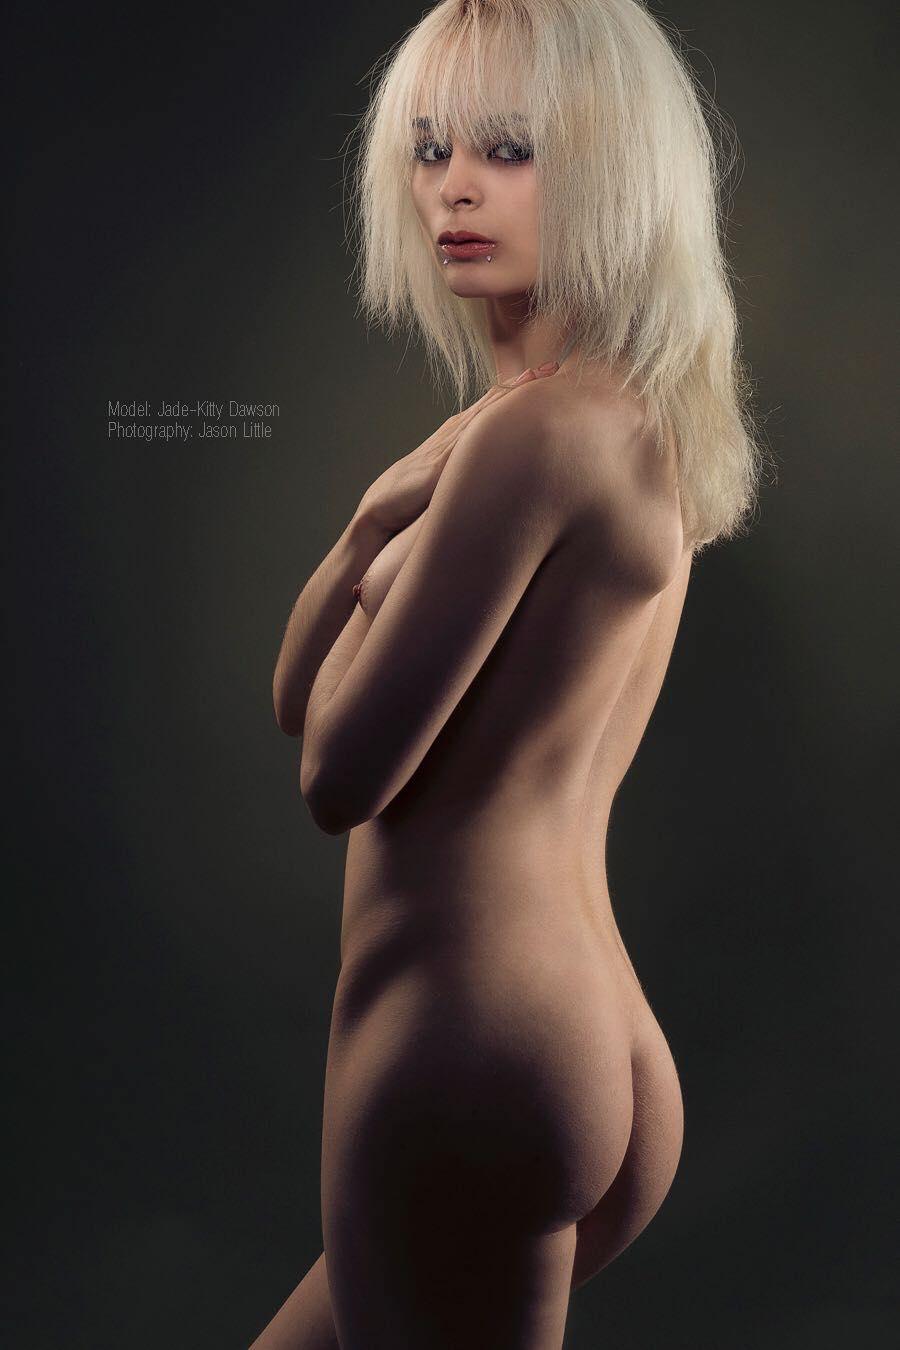 Blonde hair nude